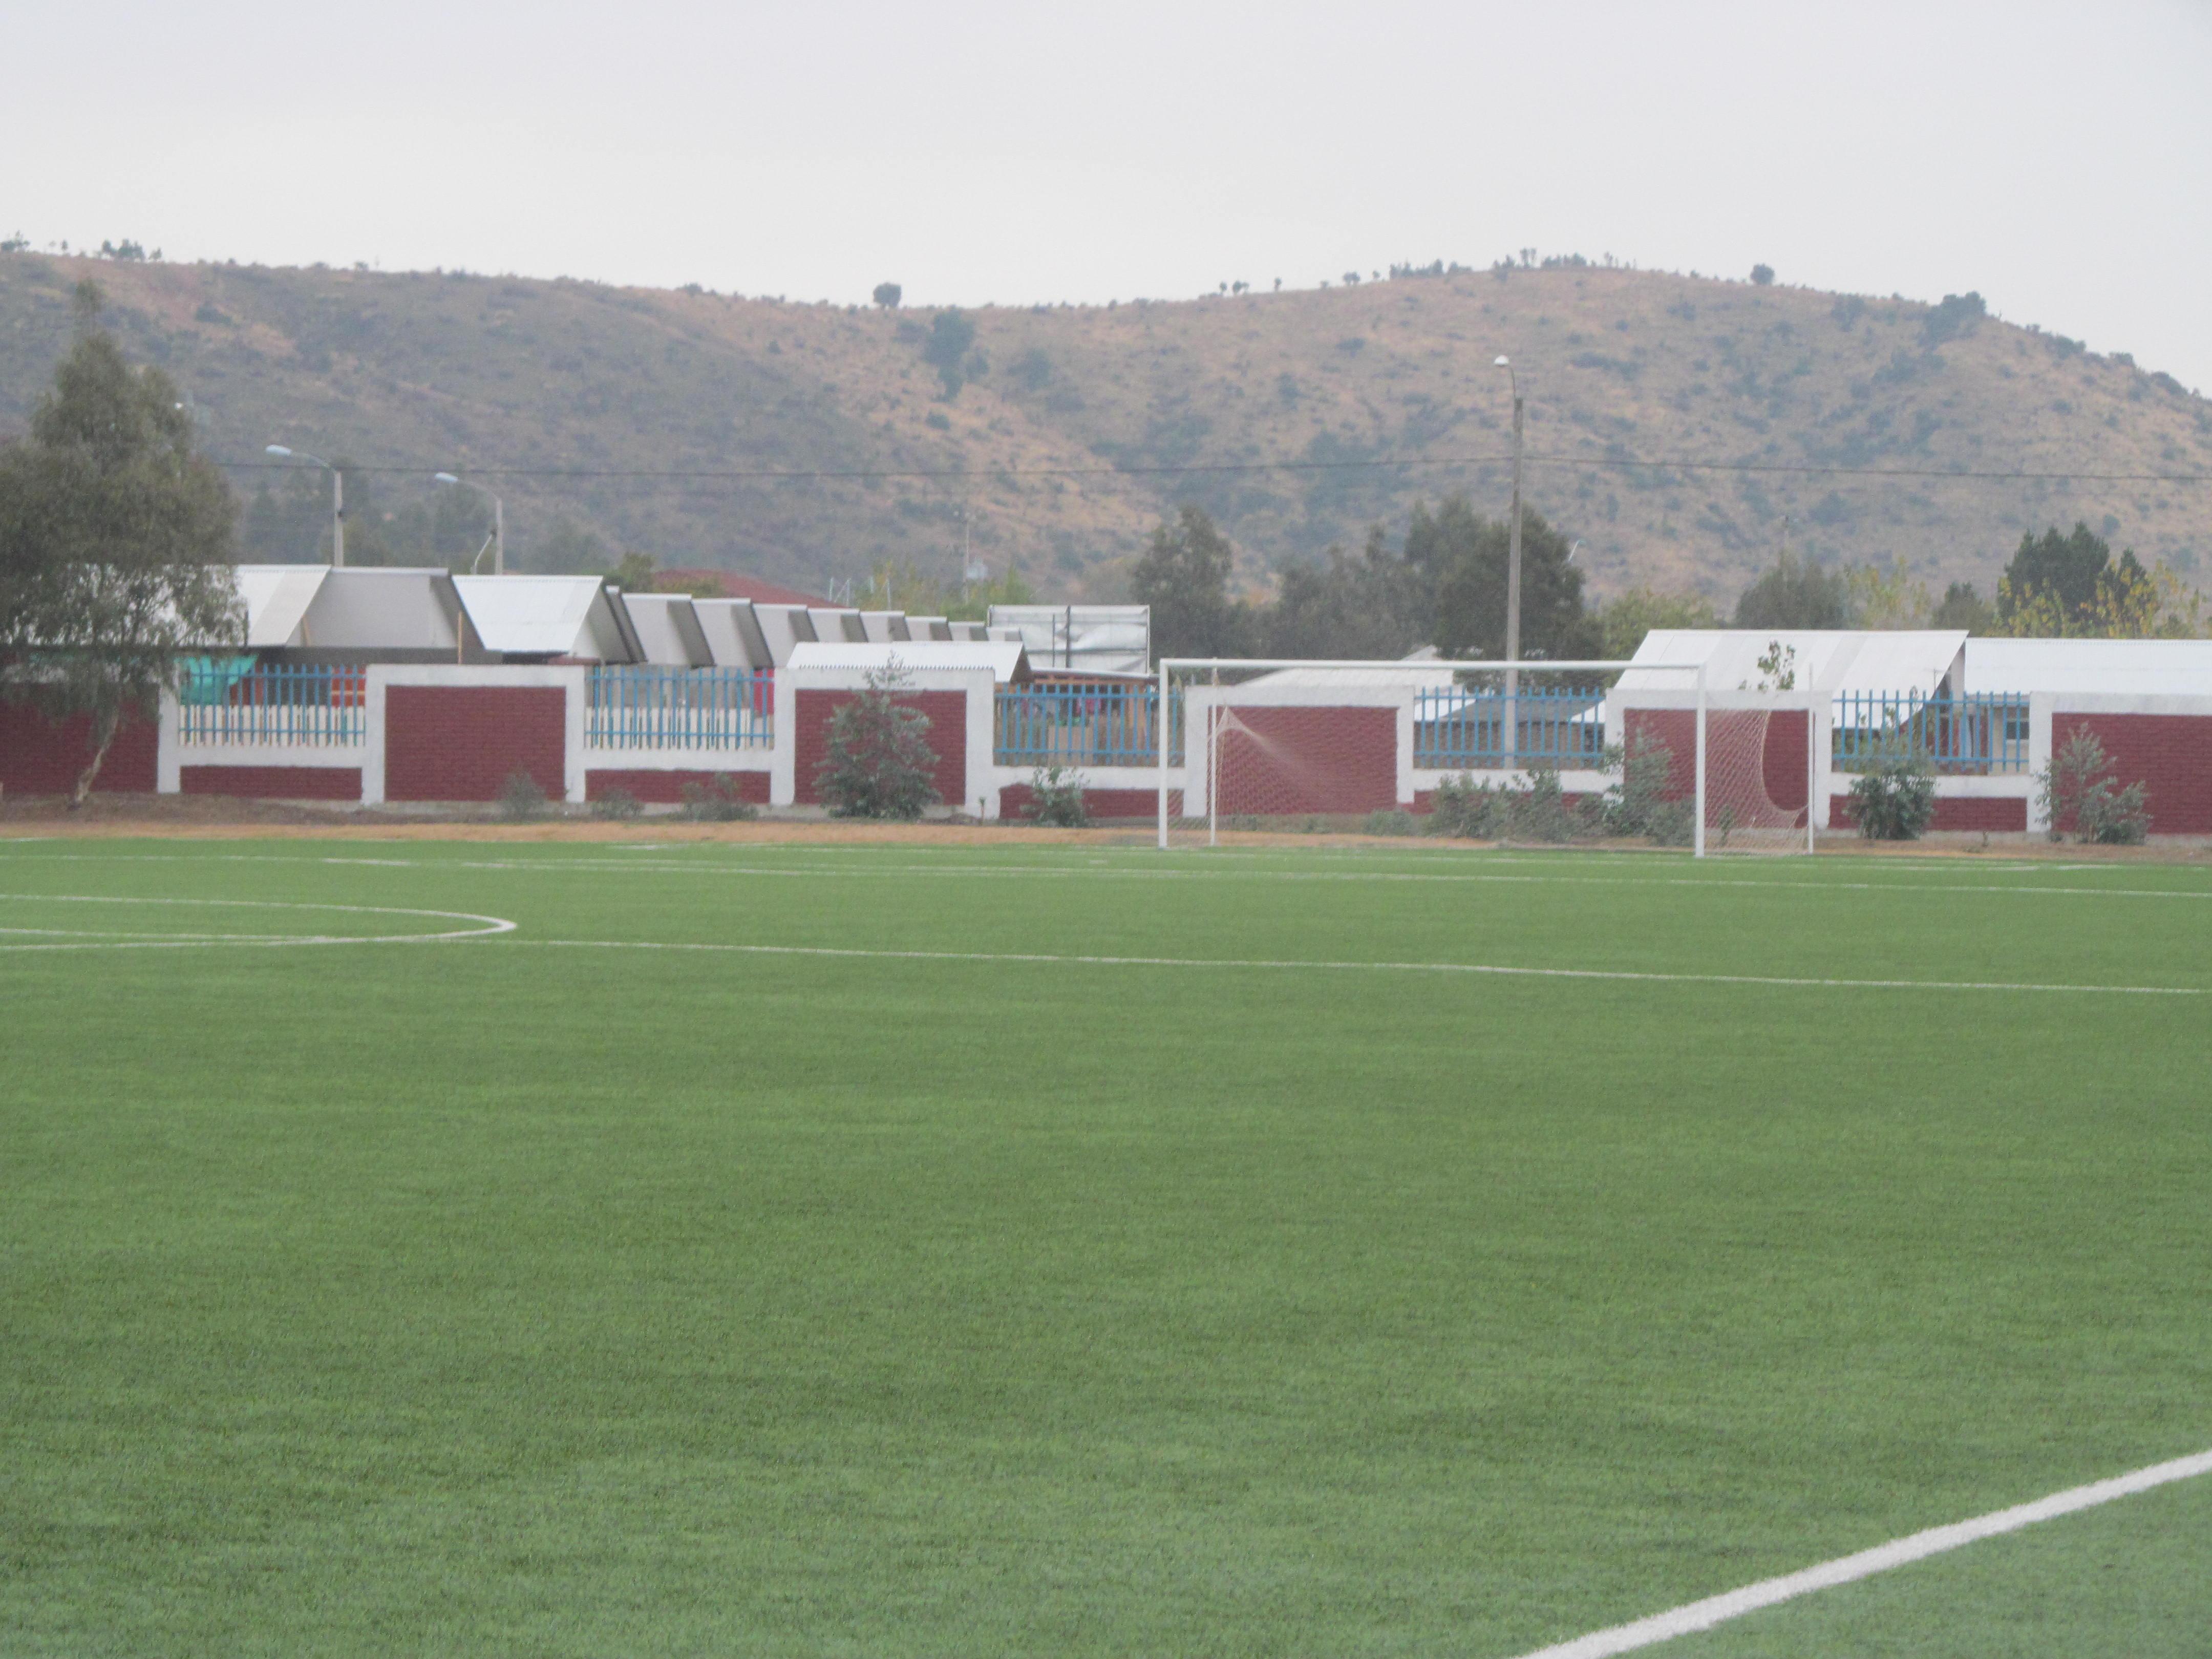 Presentan proyecto de remodelación del estadio de Maule